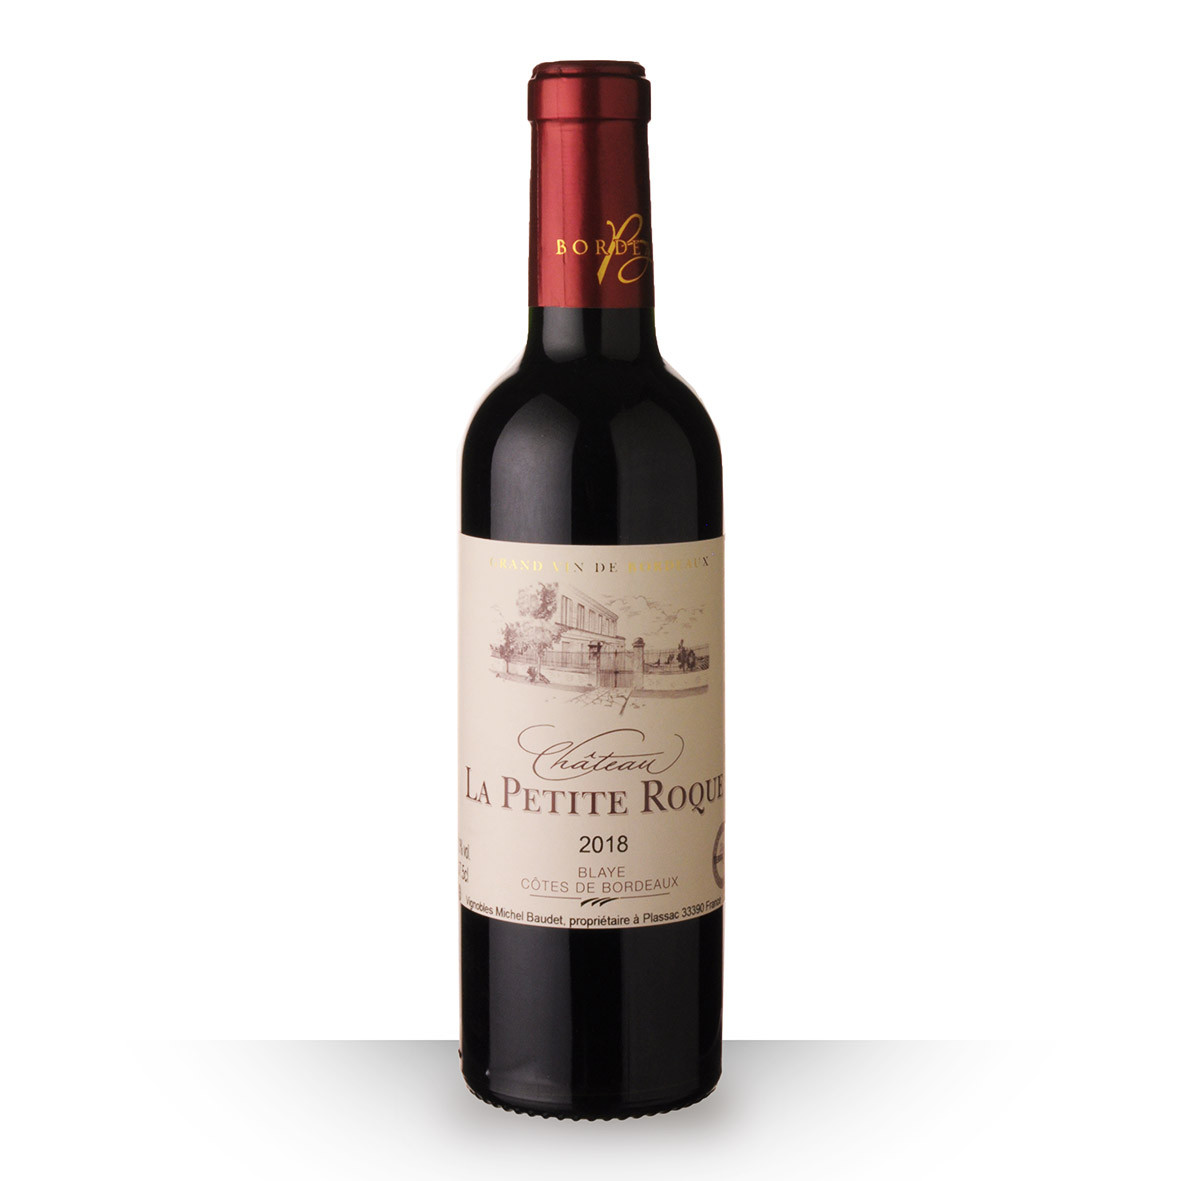 Château la Petite Roque Côtes de Bordeaux Blaye Rouge 2018 37,5cl www.odyssee-vins.com